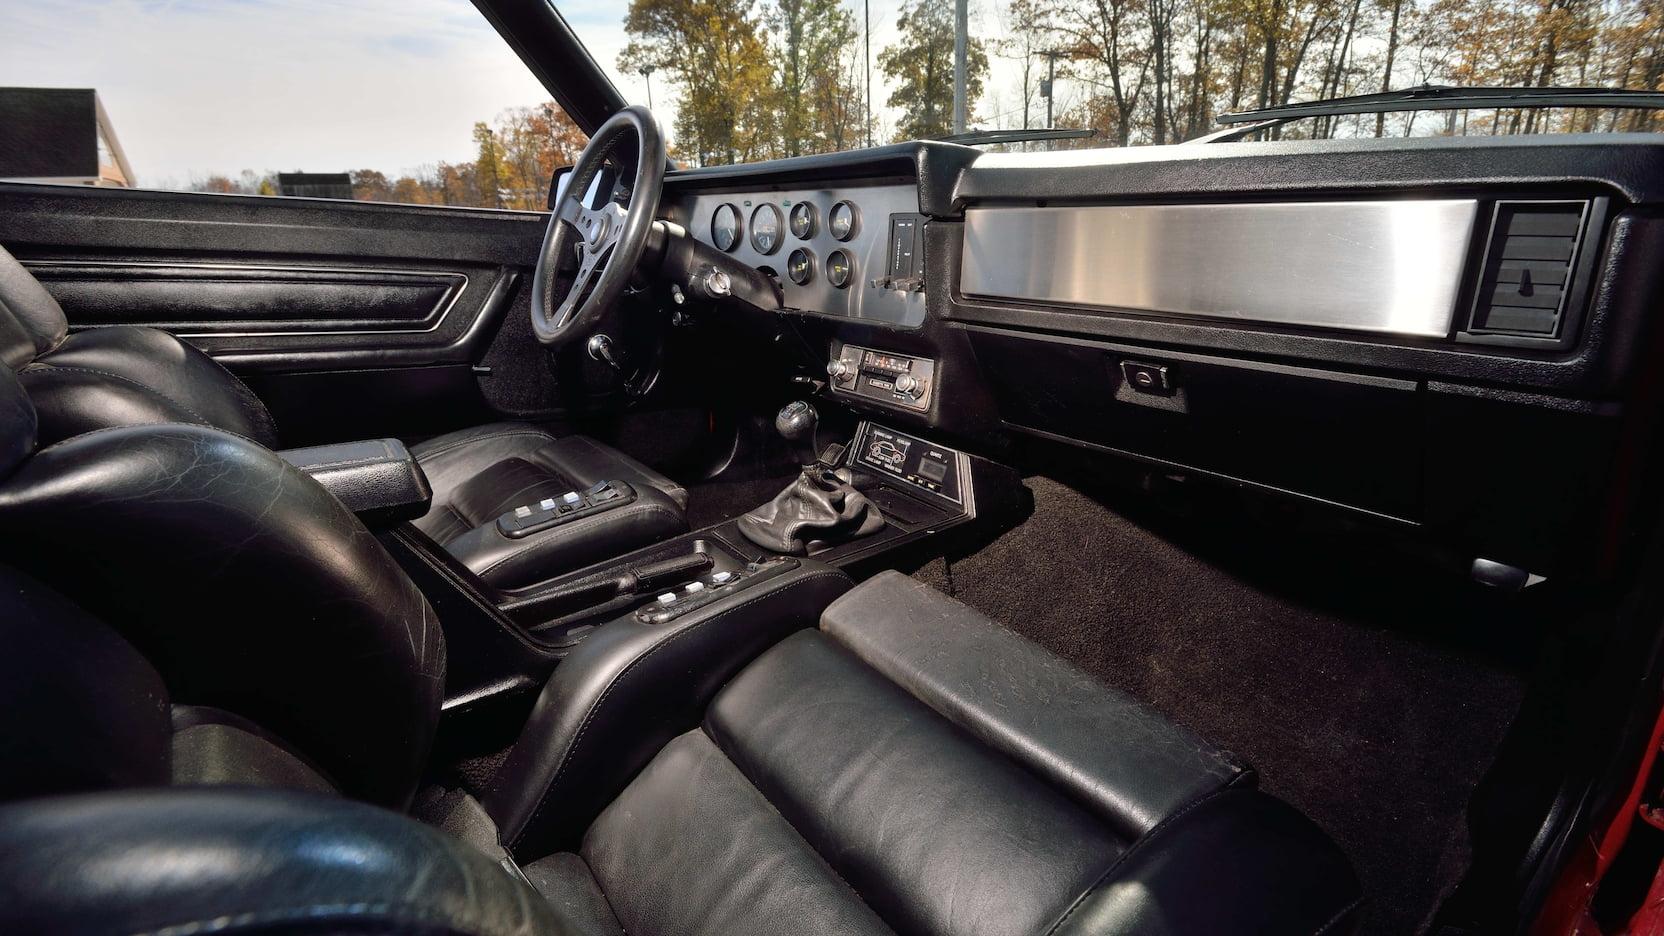 1980 Mercury Cosworth Capri passenger seat